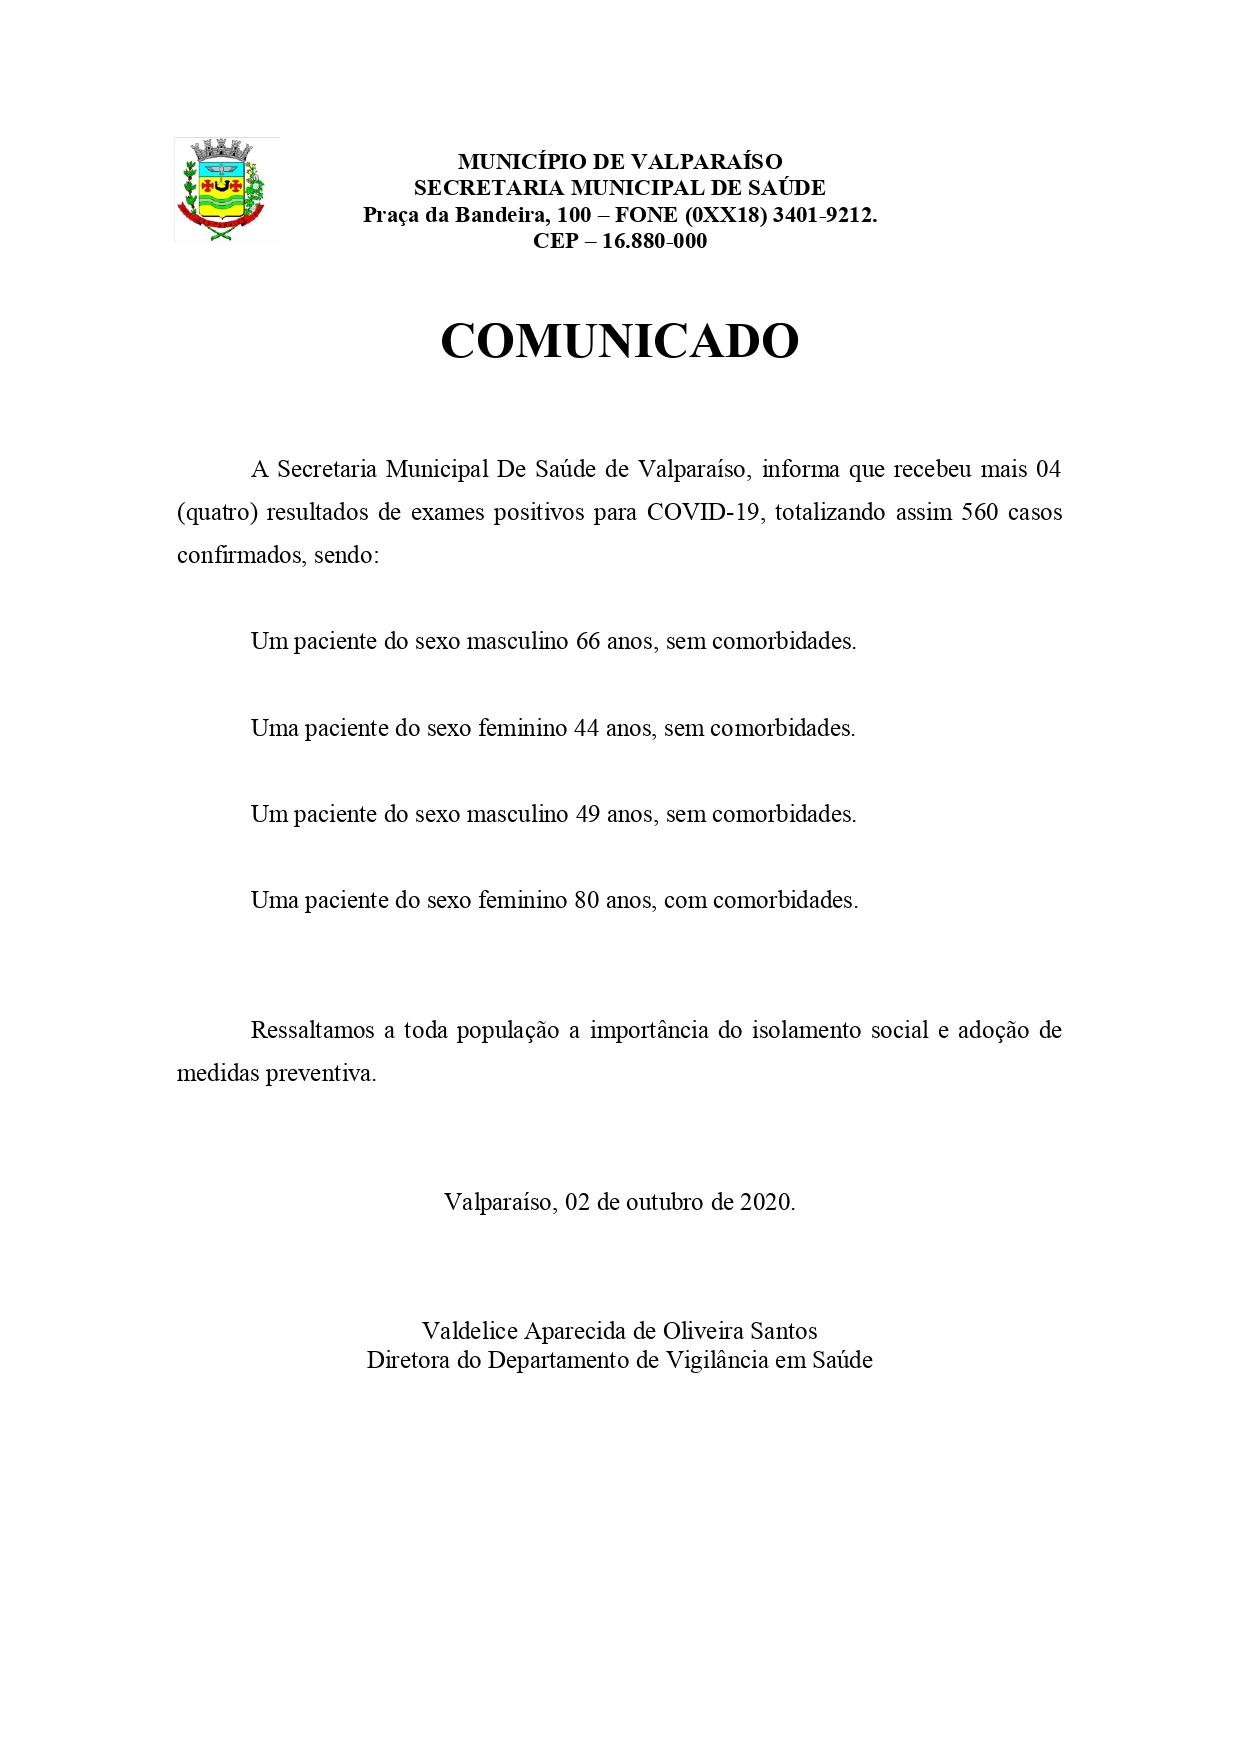 covid560